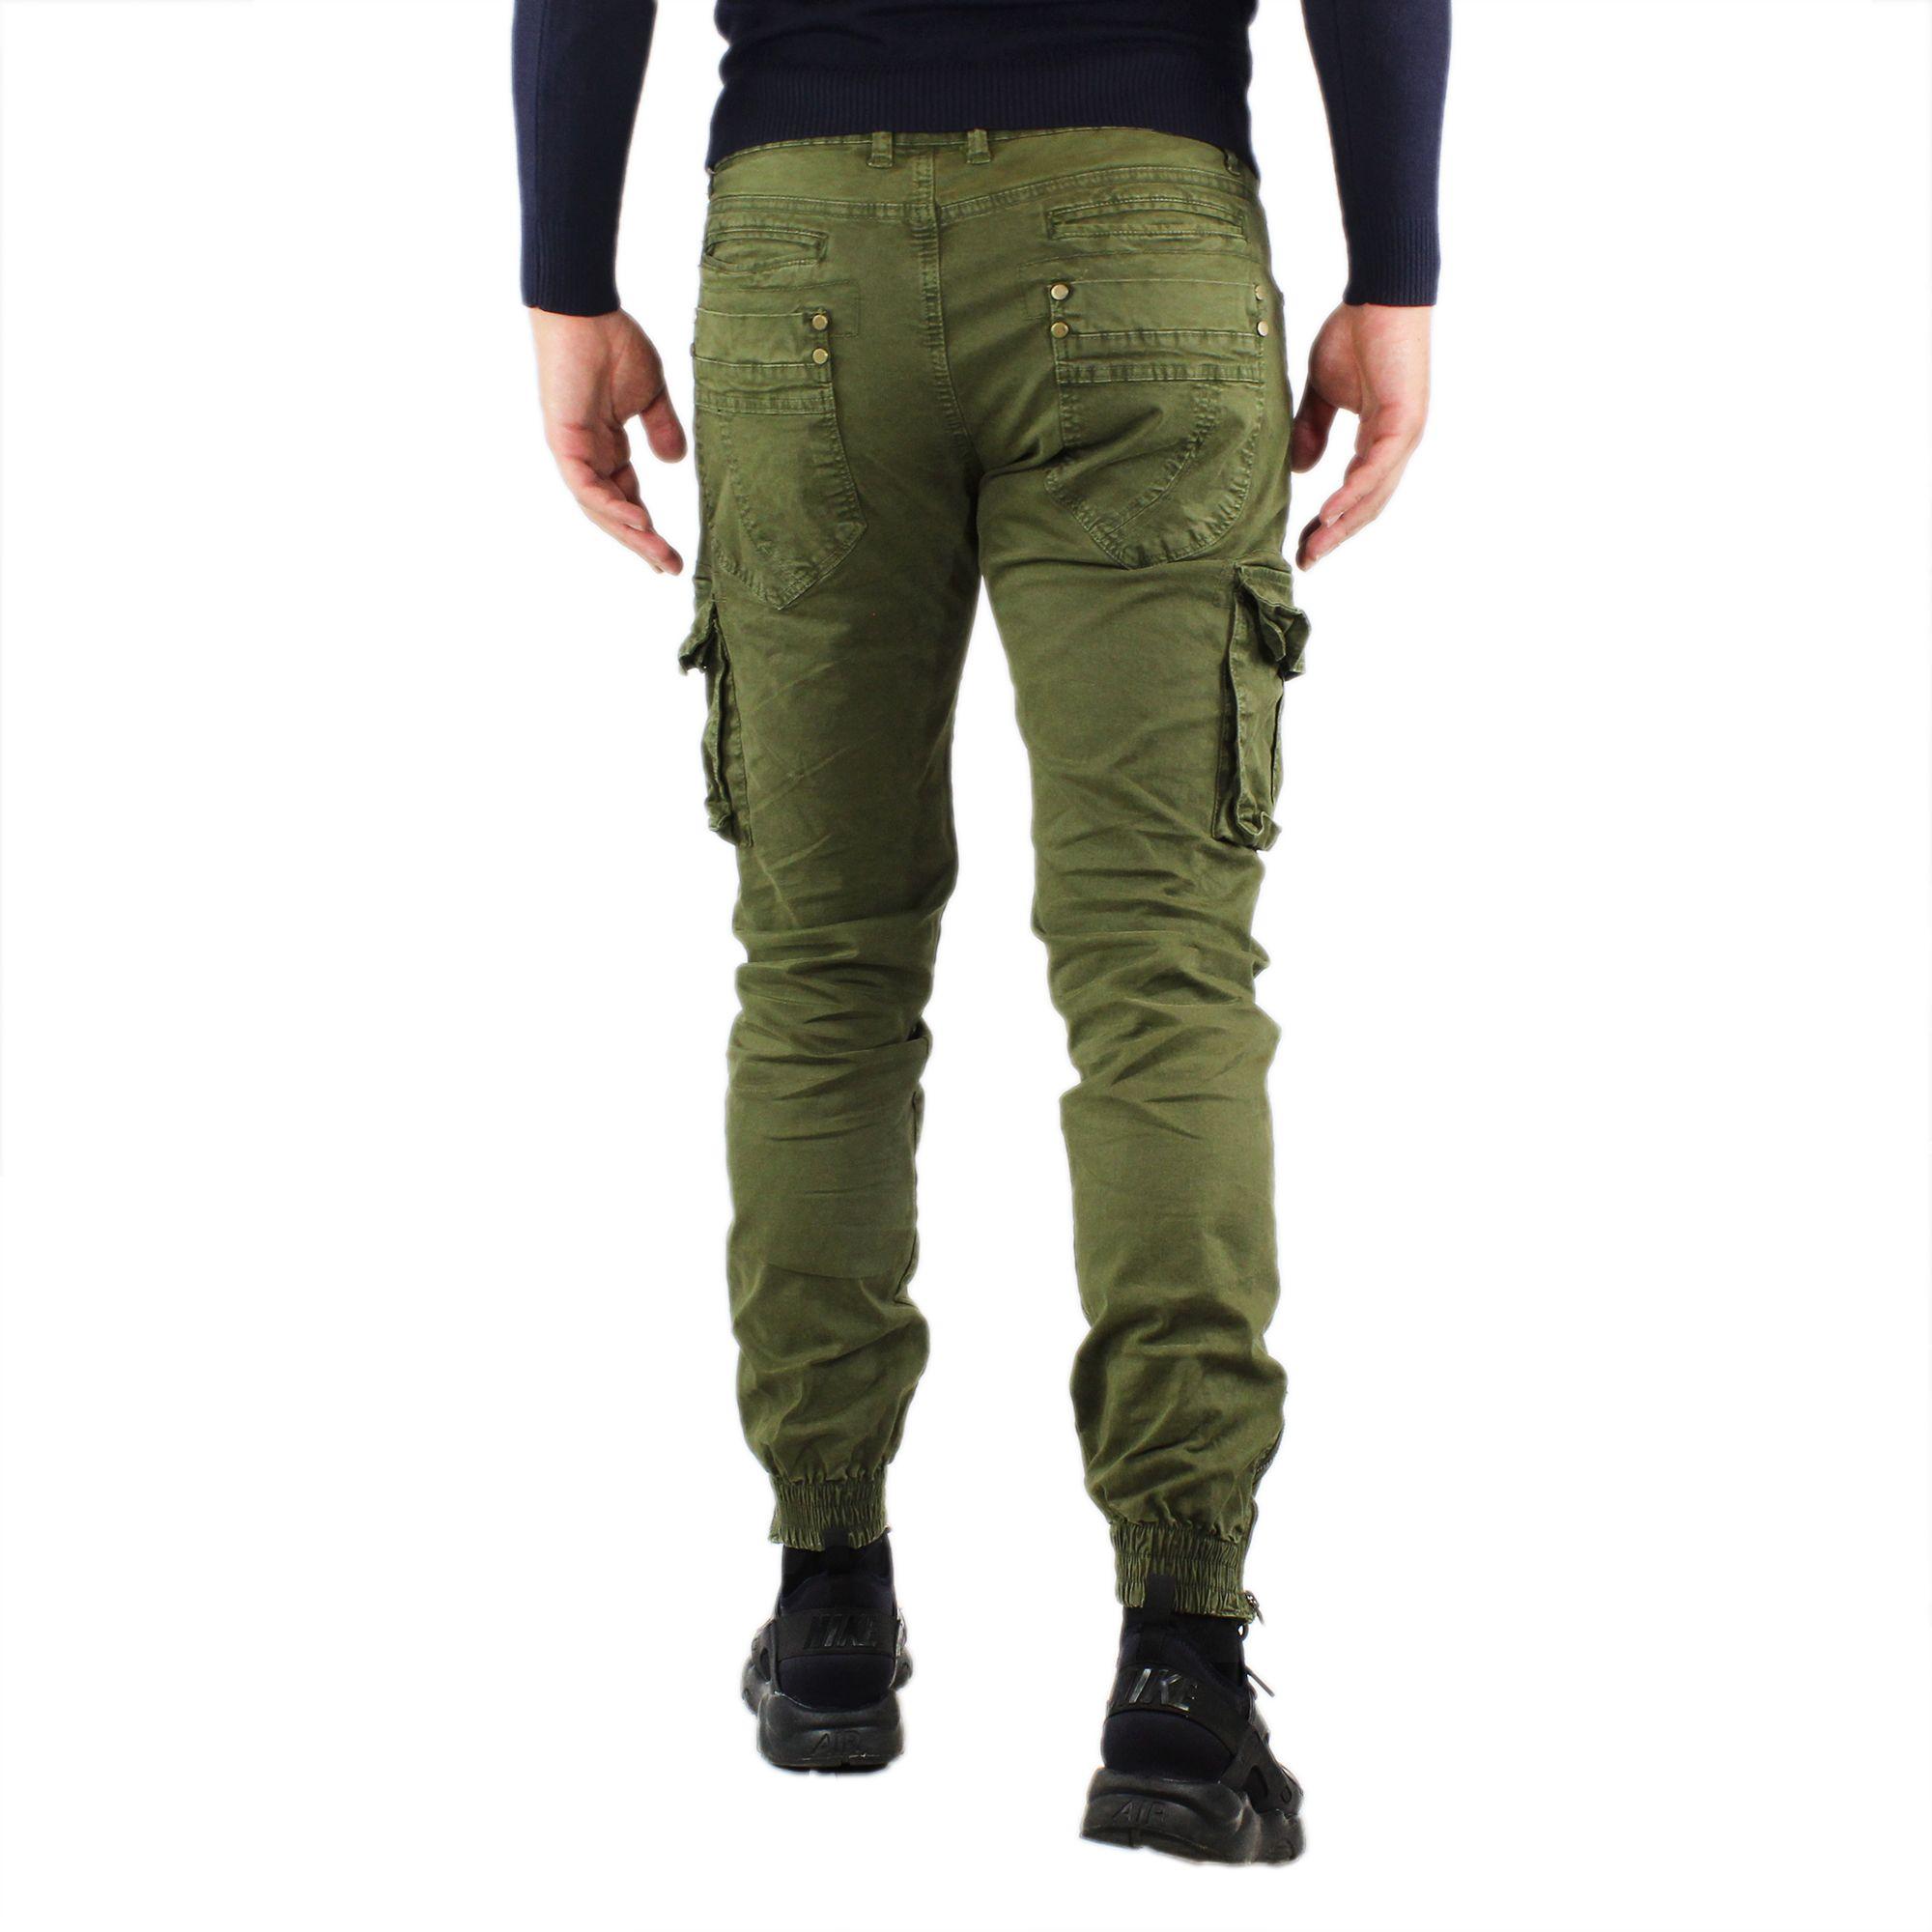 Pantaloni-Cargo-Uomo-Invernale-Tasche-Laterali-Cotone-Slim-Fit-Tasconi-Casual miniatura 13